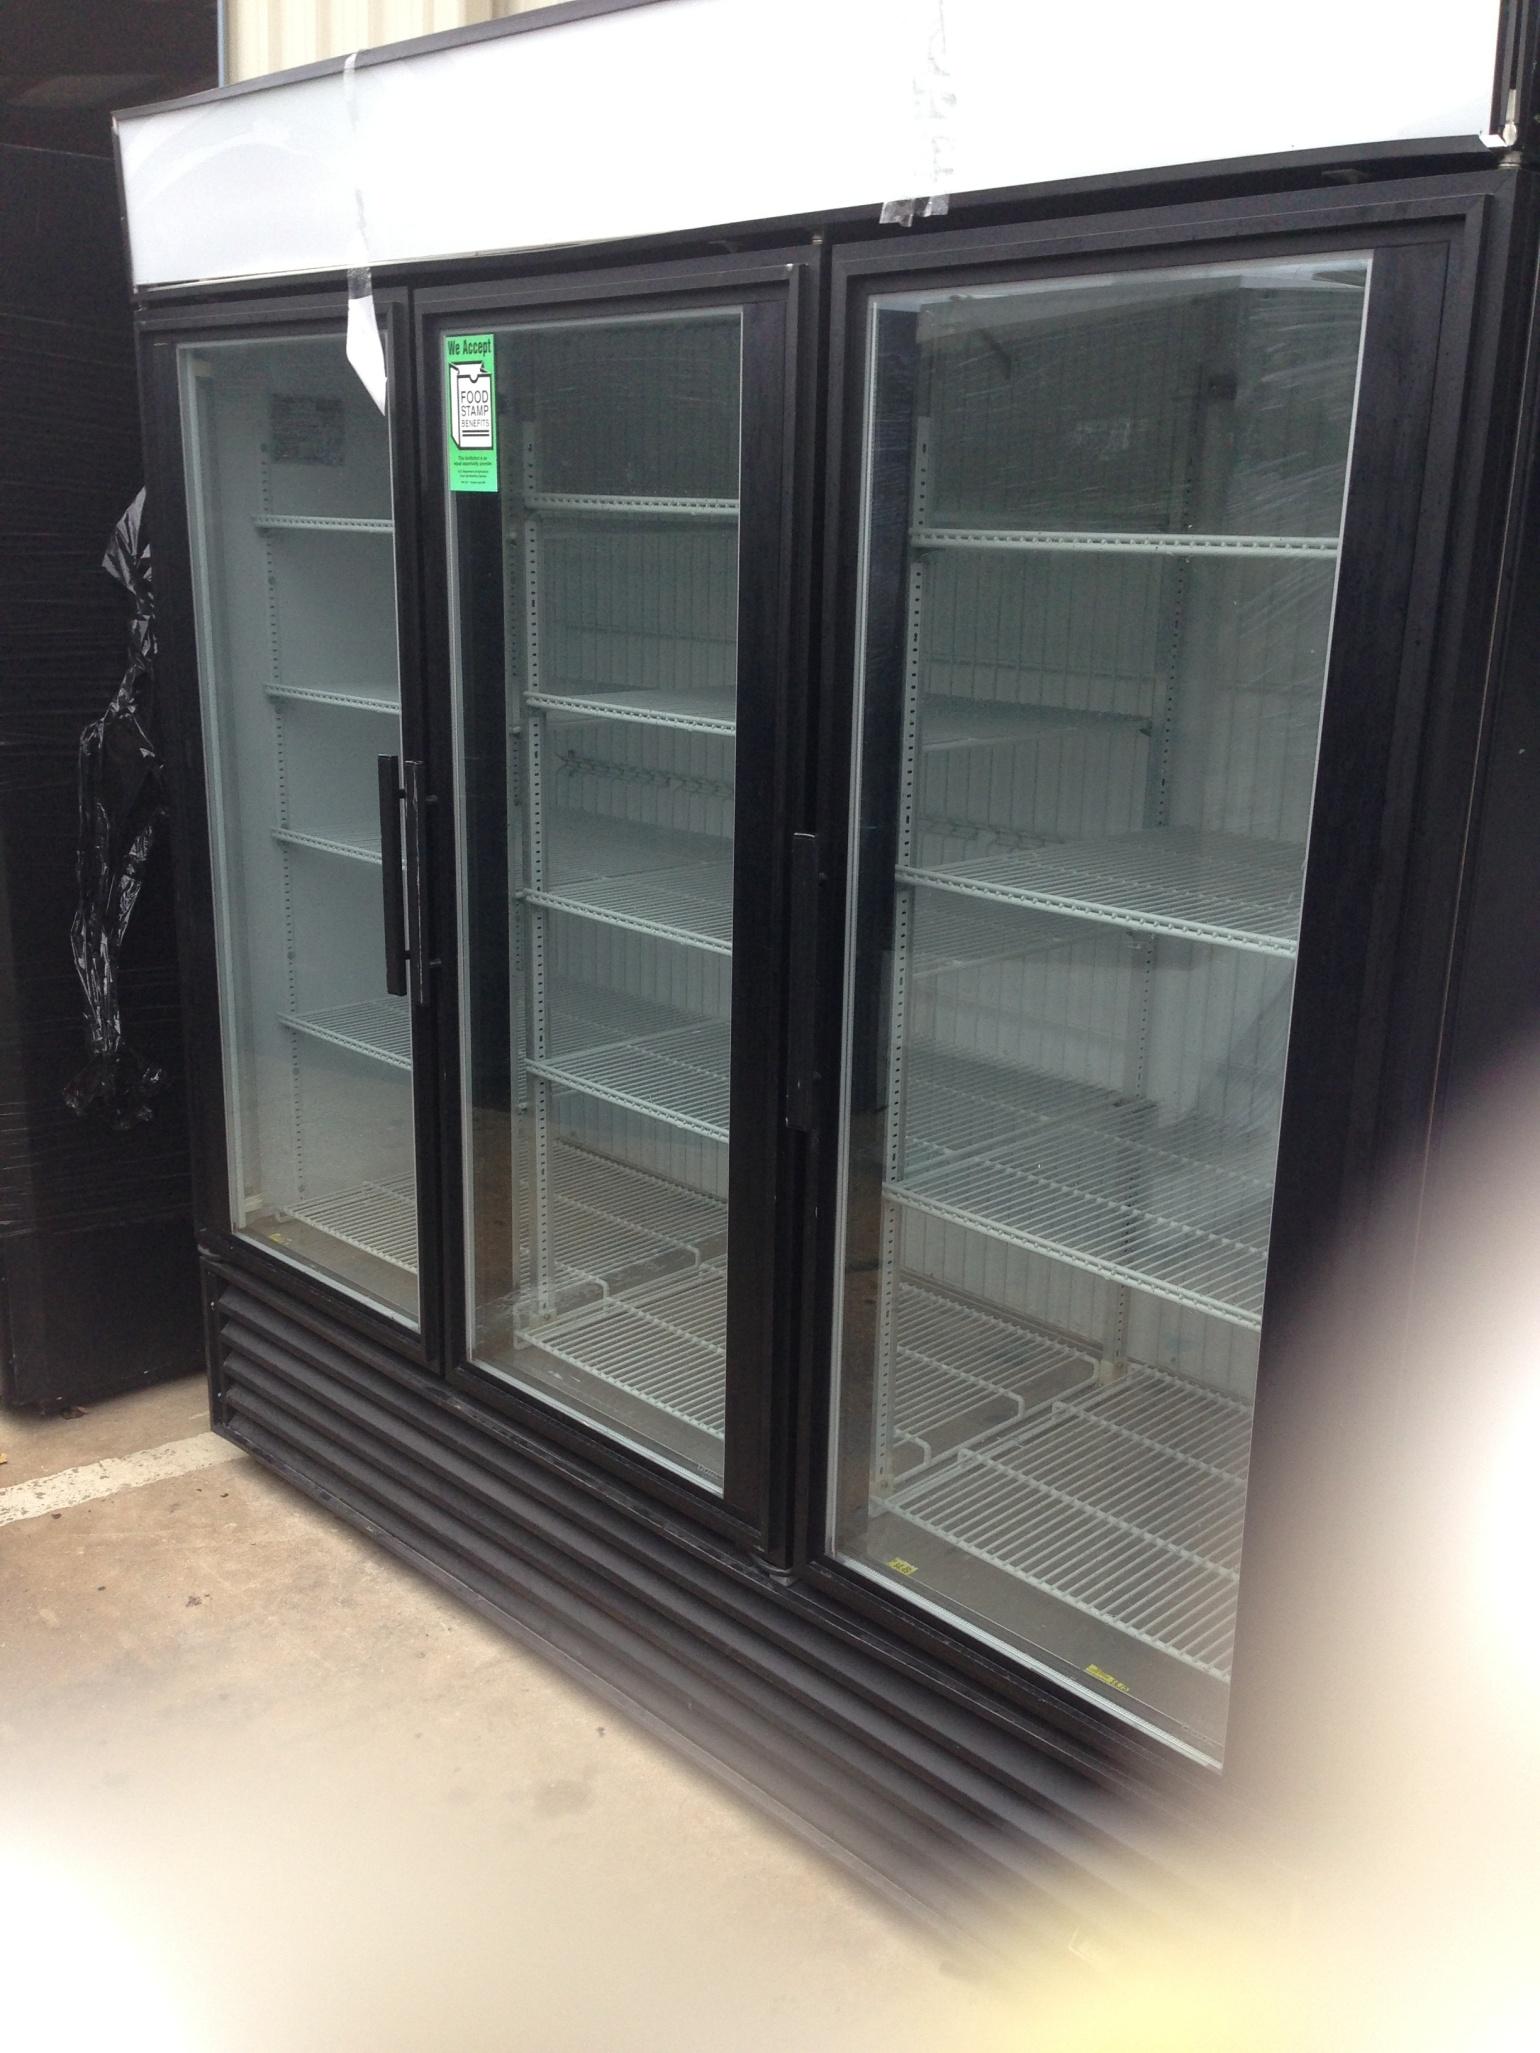 3-Door Freezer